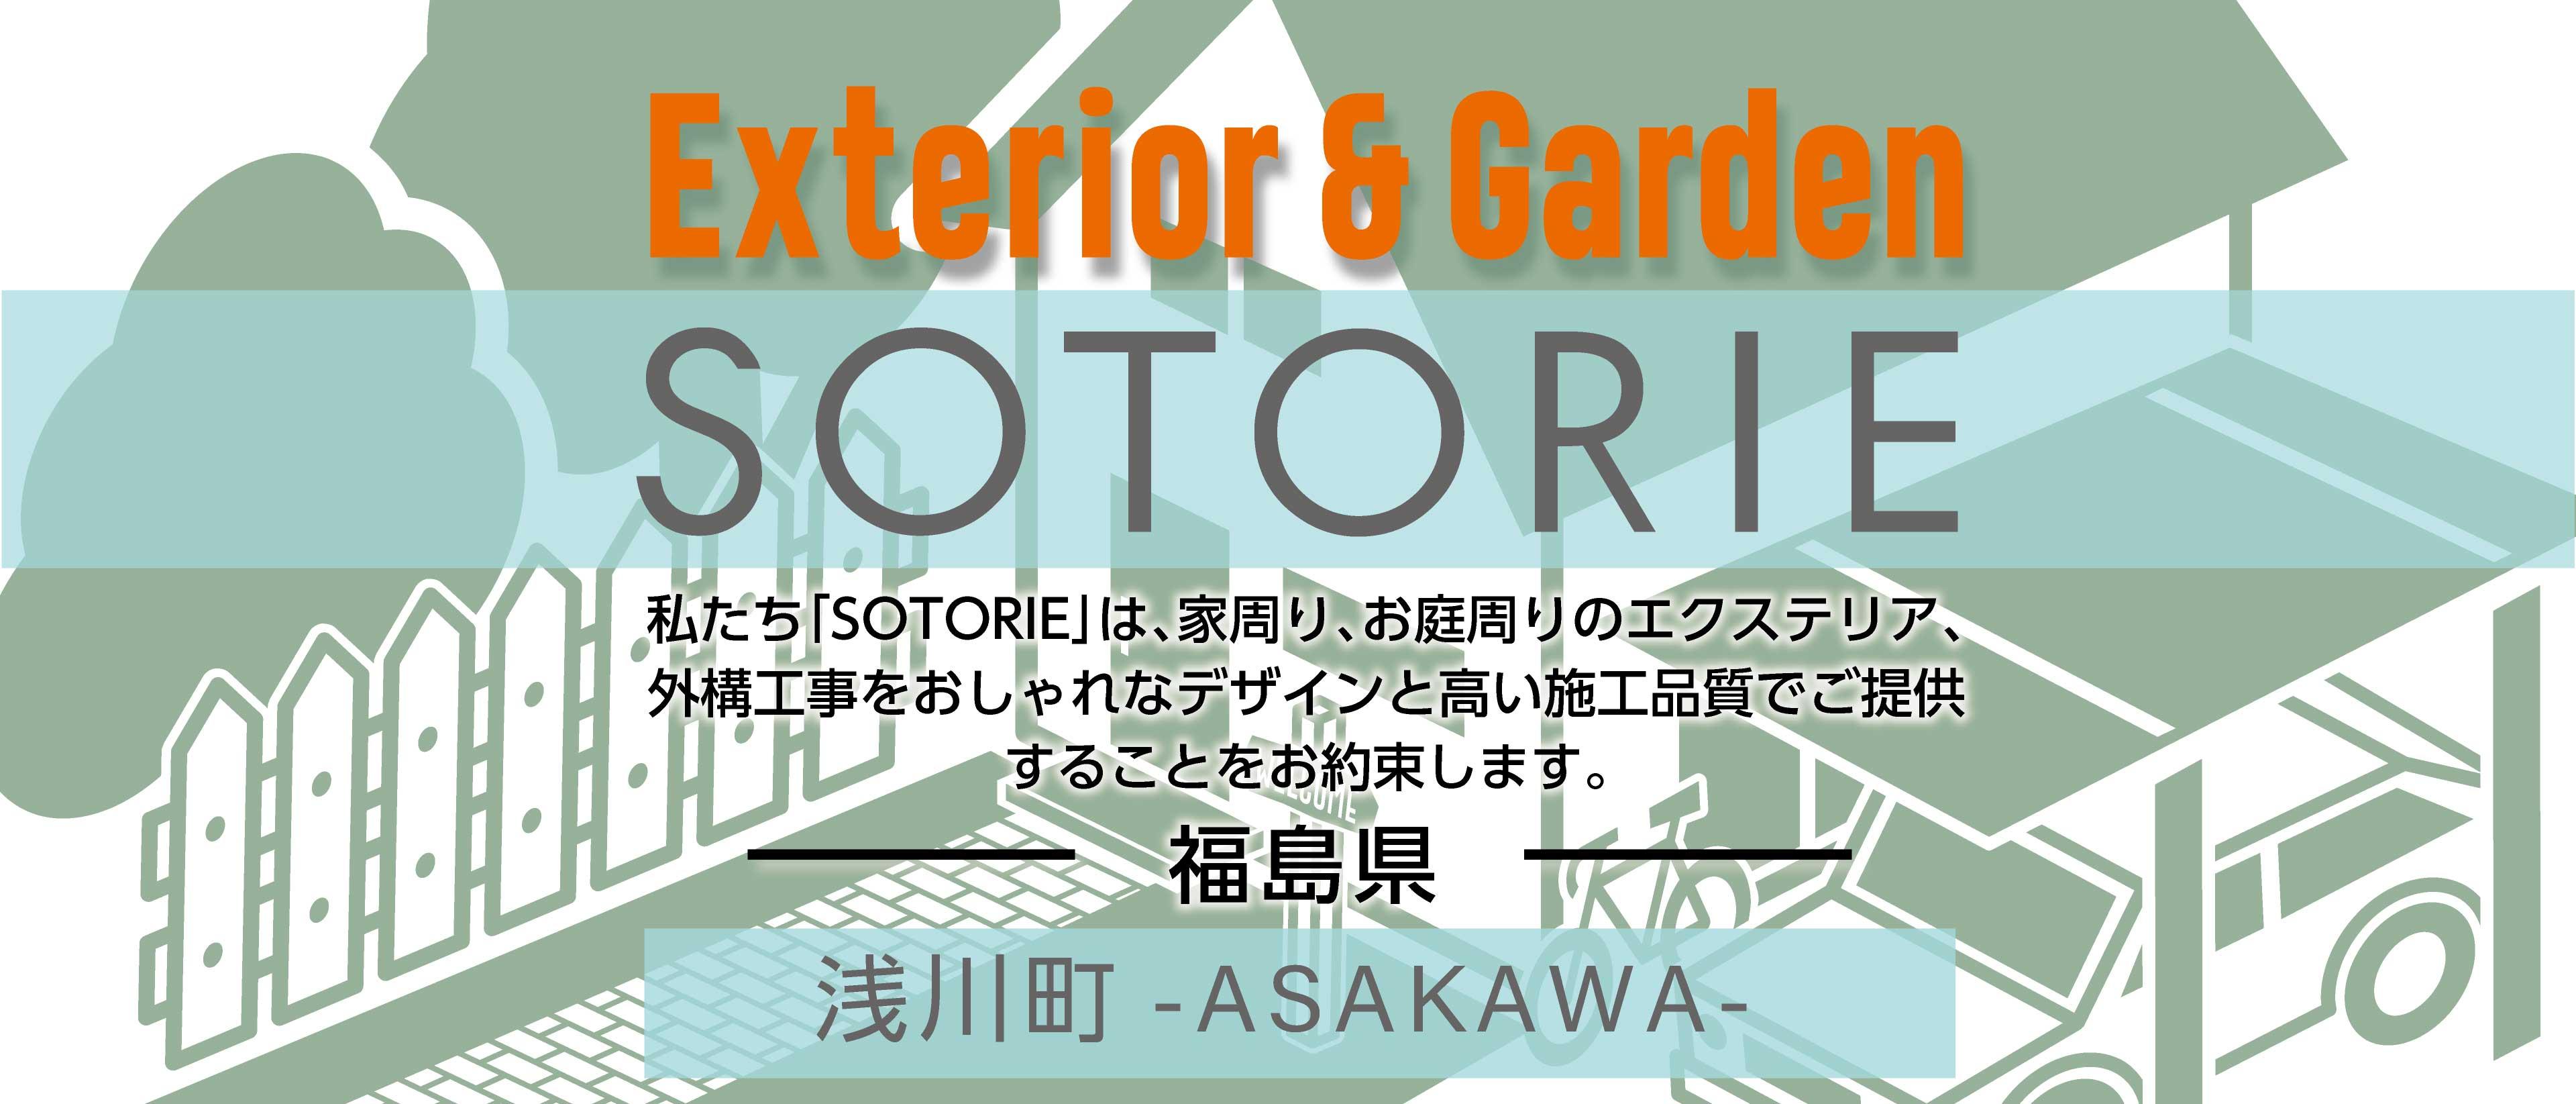 ソトリエ浅川町では、家周りと庭周りの外構、エクステリア工事をおしゃれなデザインと高い施工品質でご提供することをお約束します。